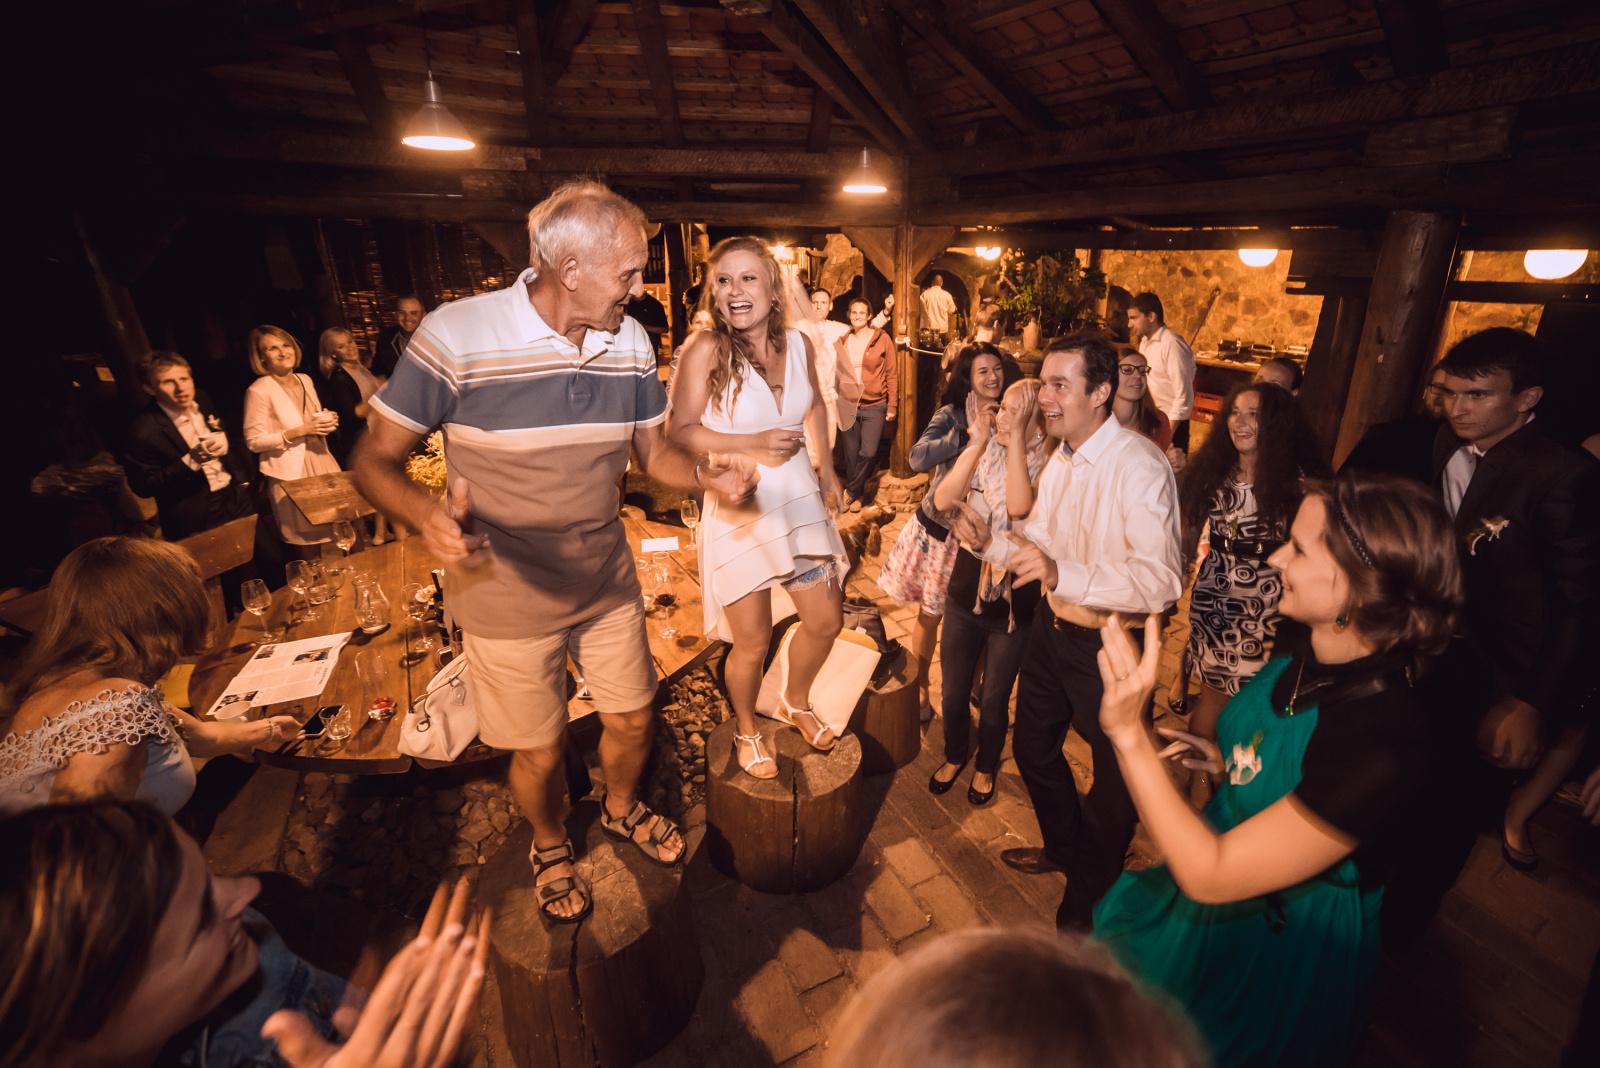 svatební tanec nevěsty s tatínkem